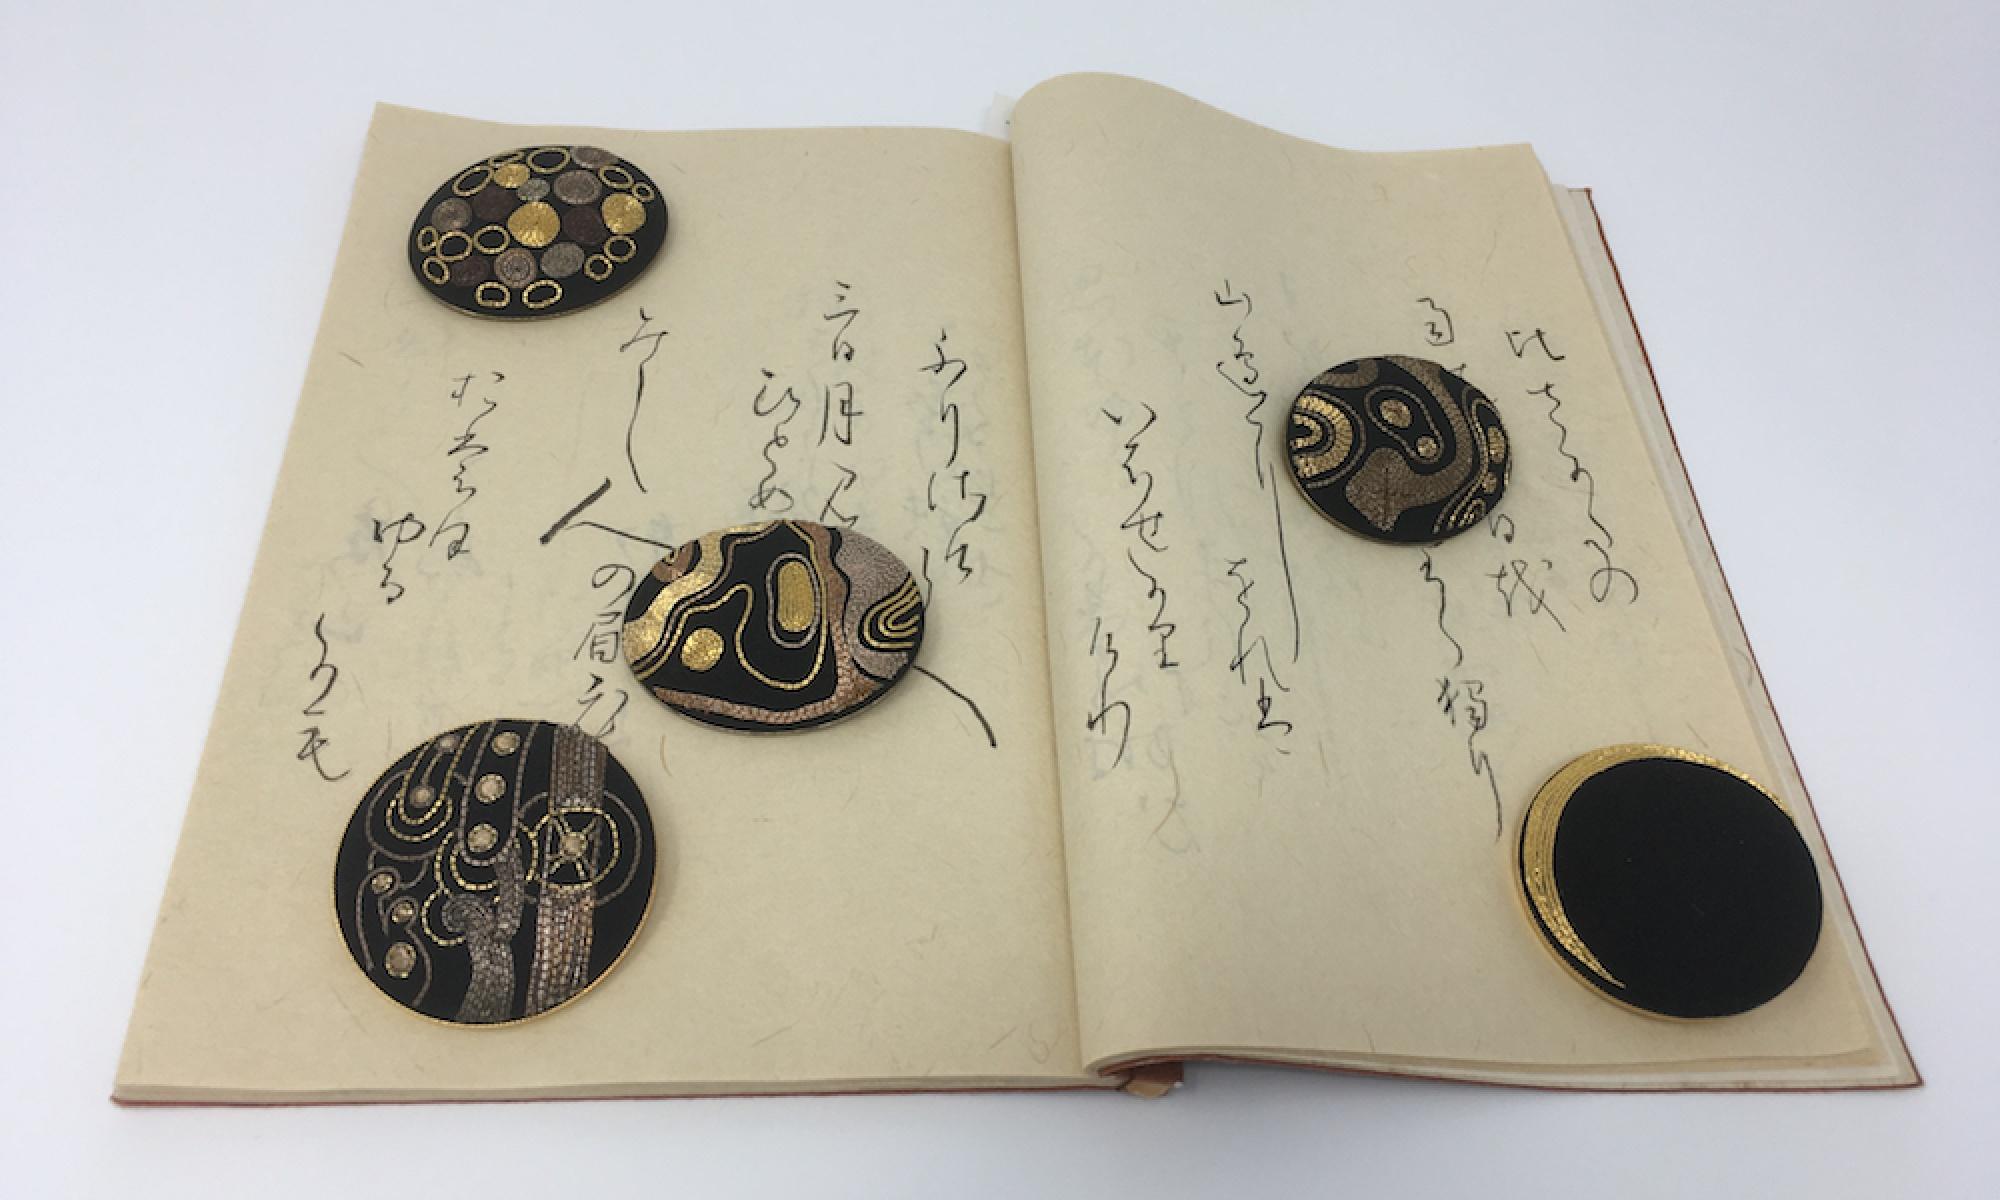 日本刺繍 繍倶楽部(ぬいくらぶ)